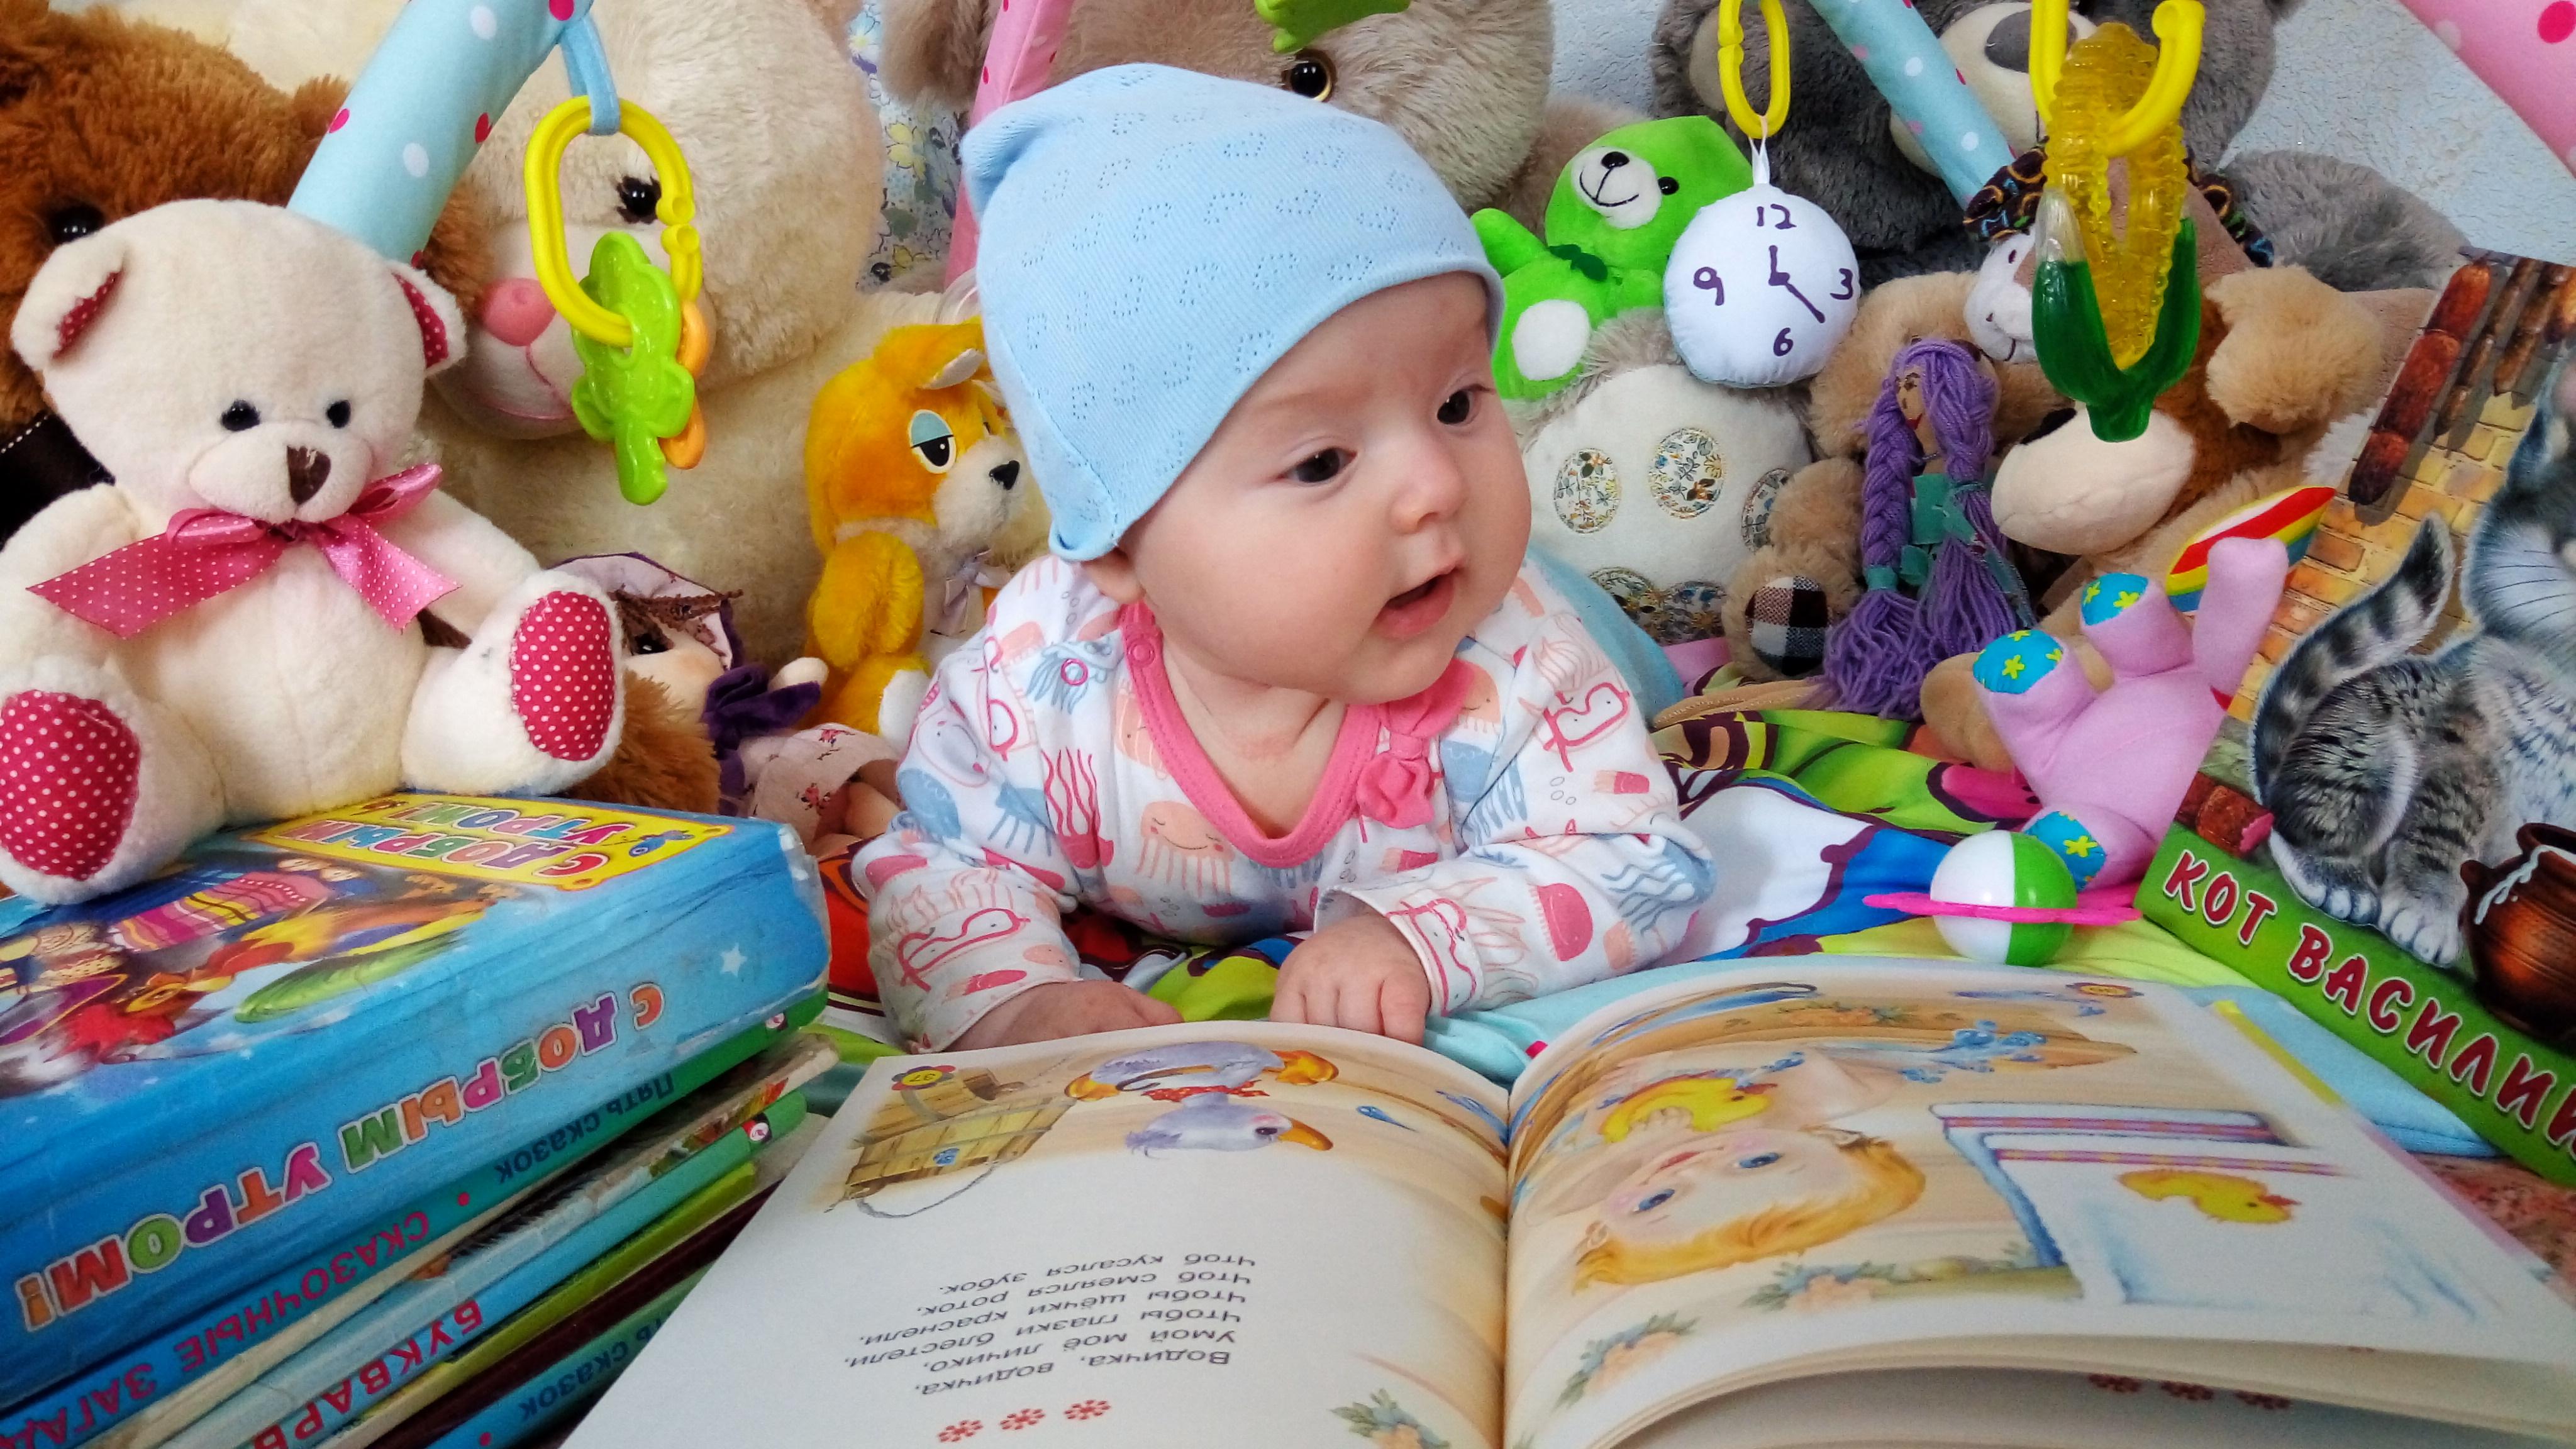 Литратурные часы в компании плюшевых друзей ))). Мои первые книжки и игрушки